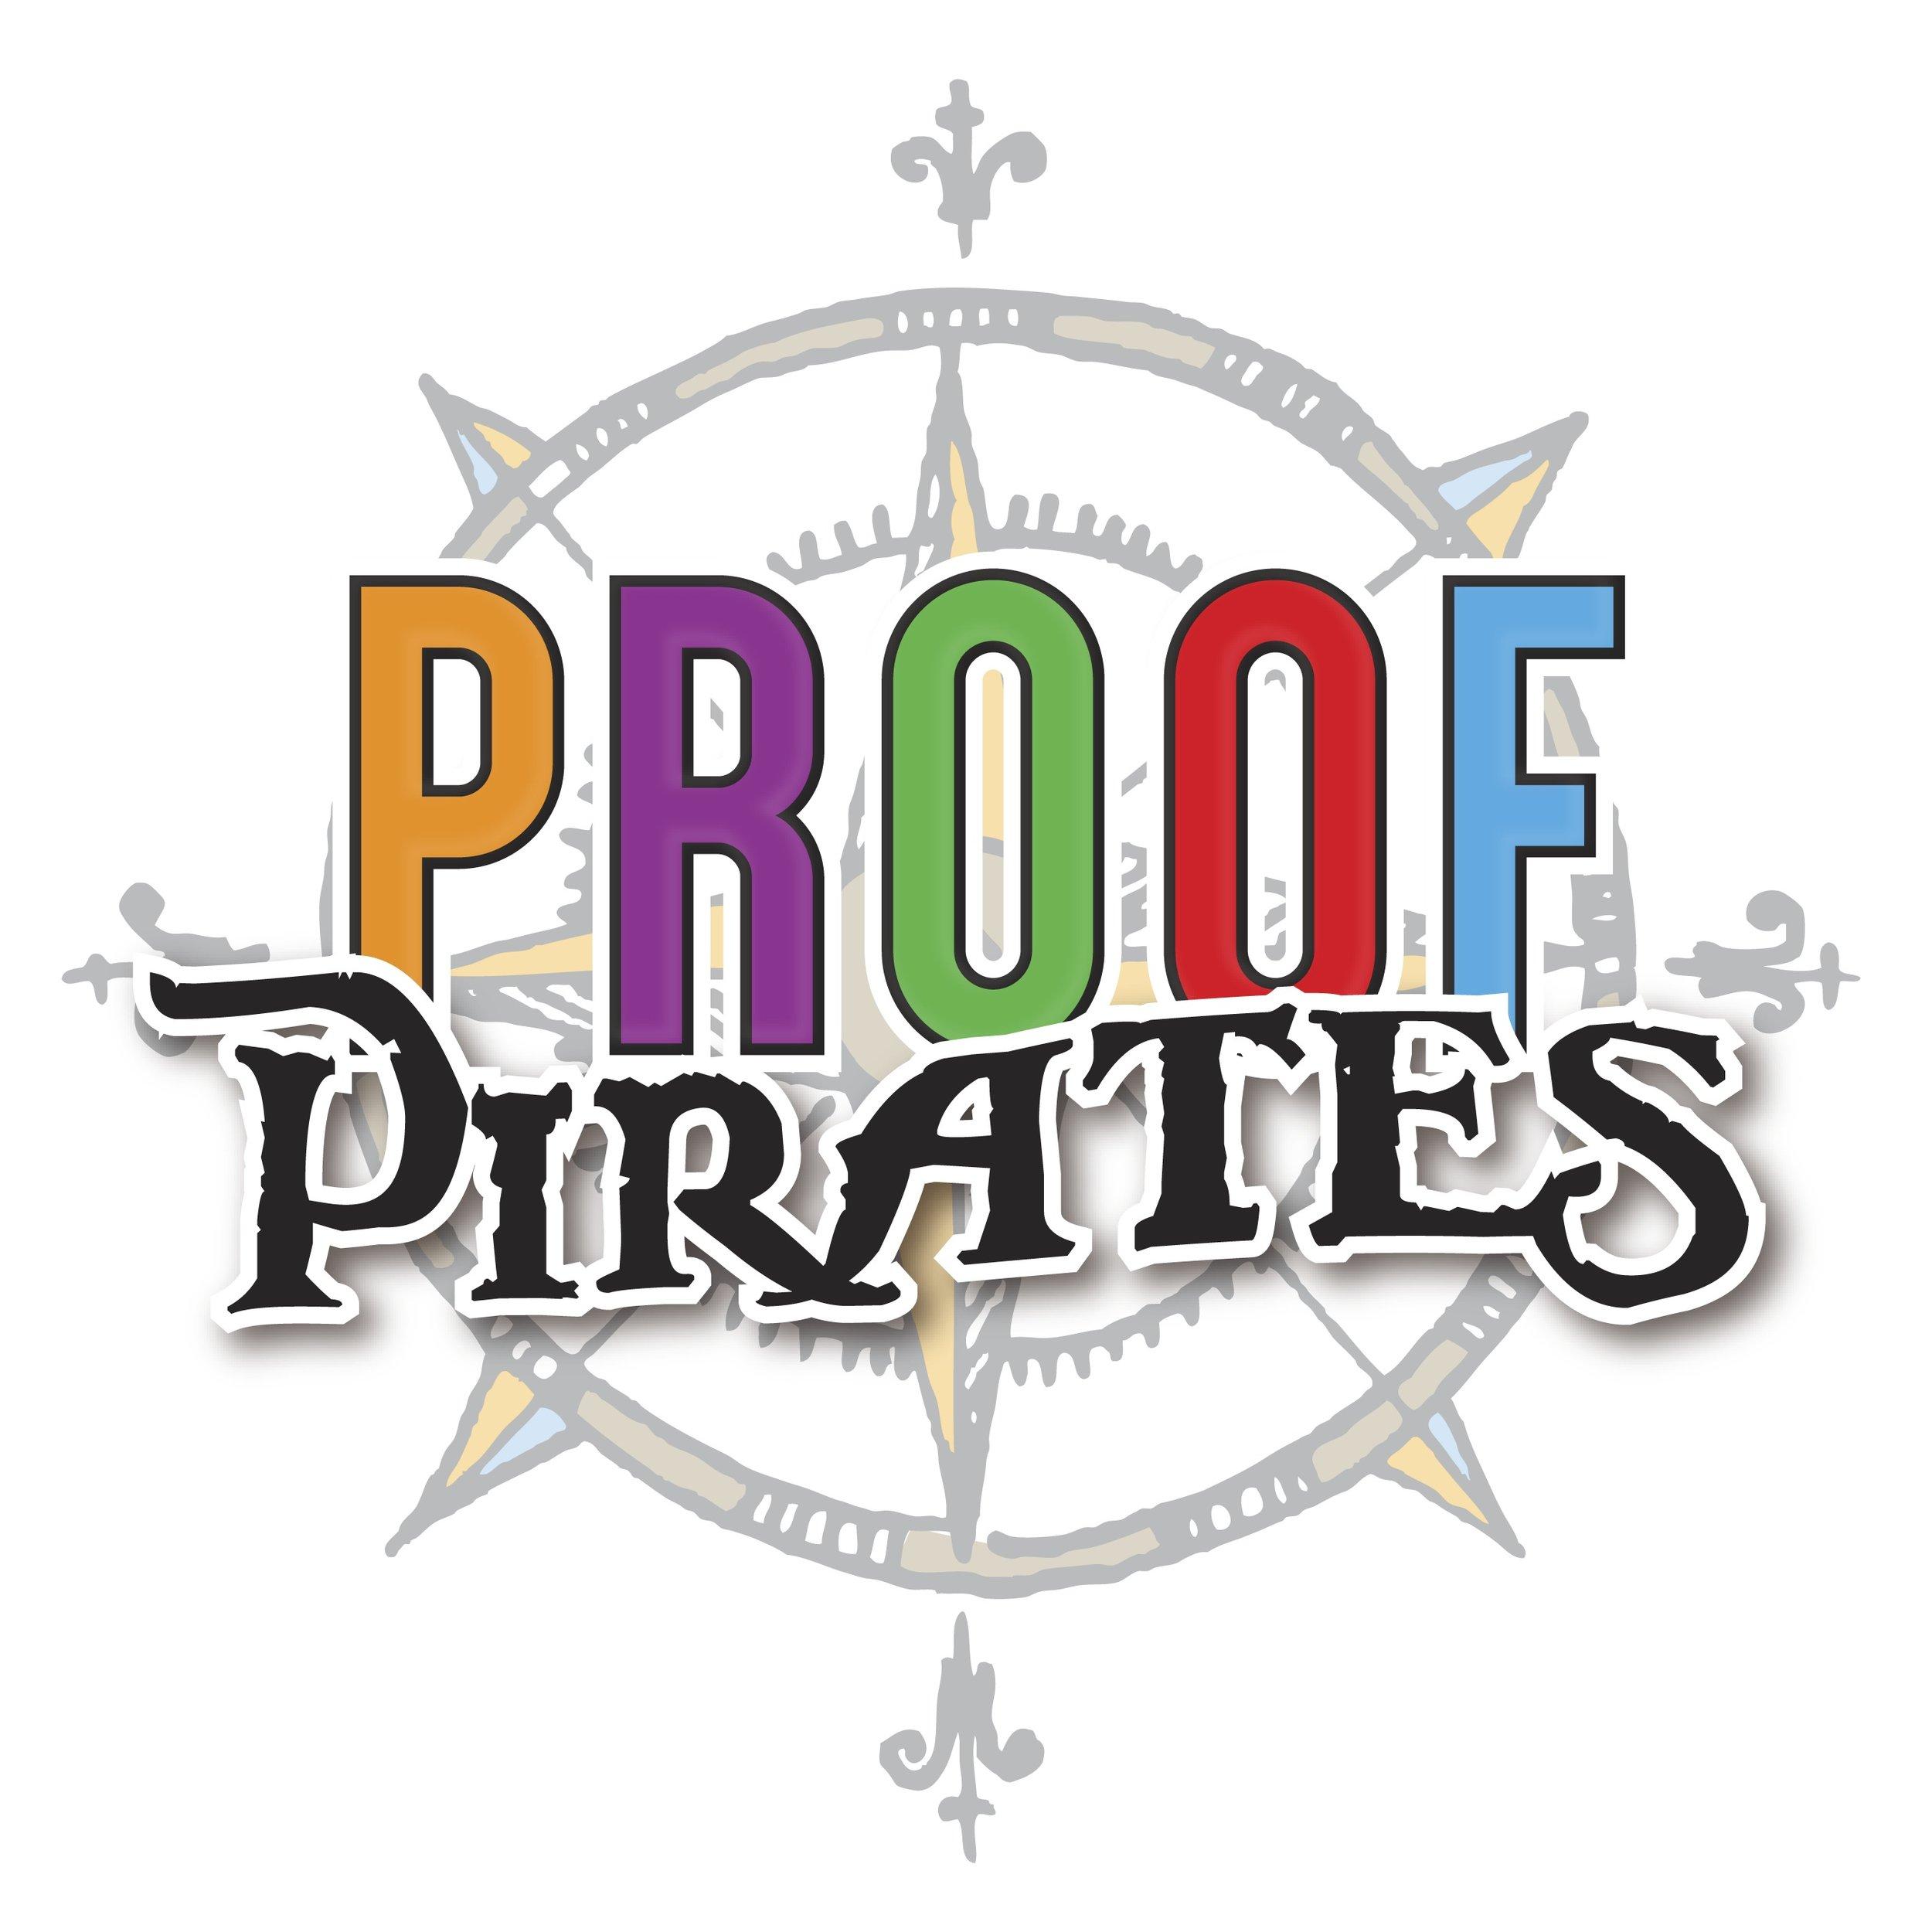 PP VBS logo.jpg